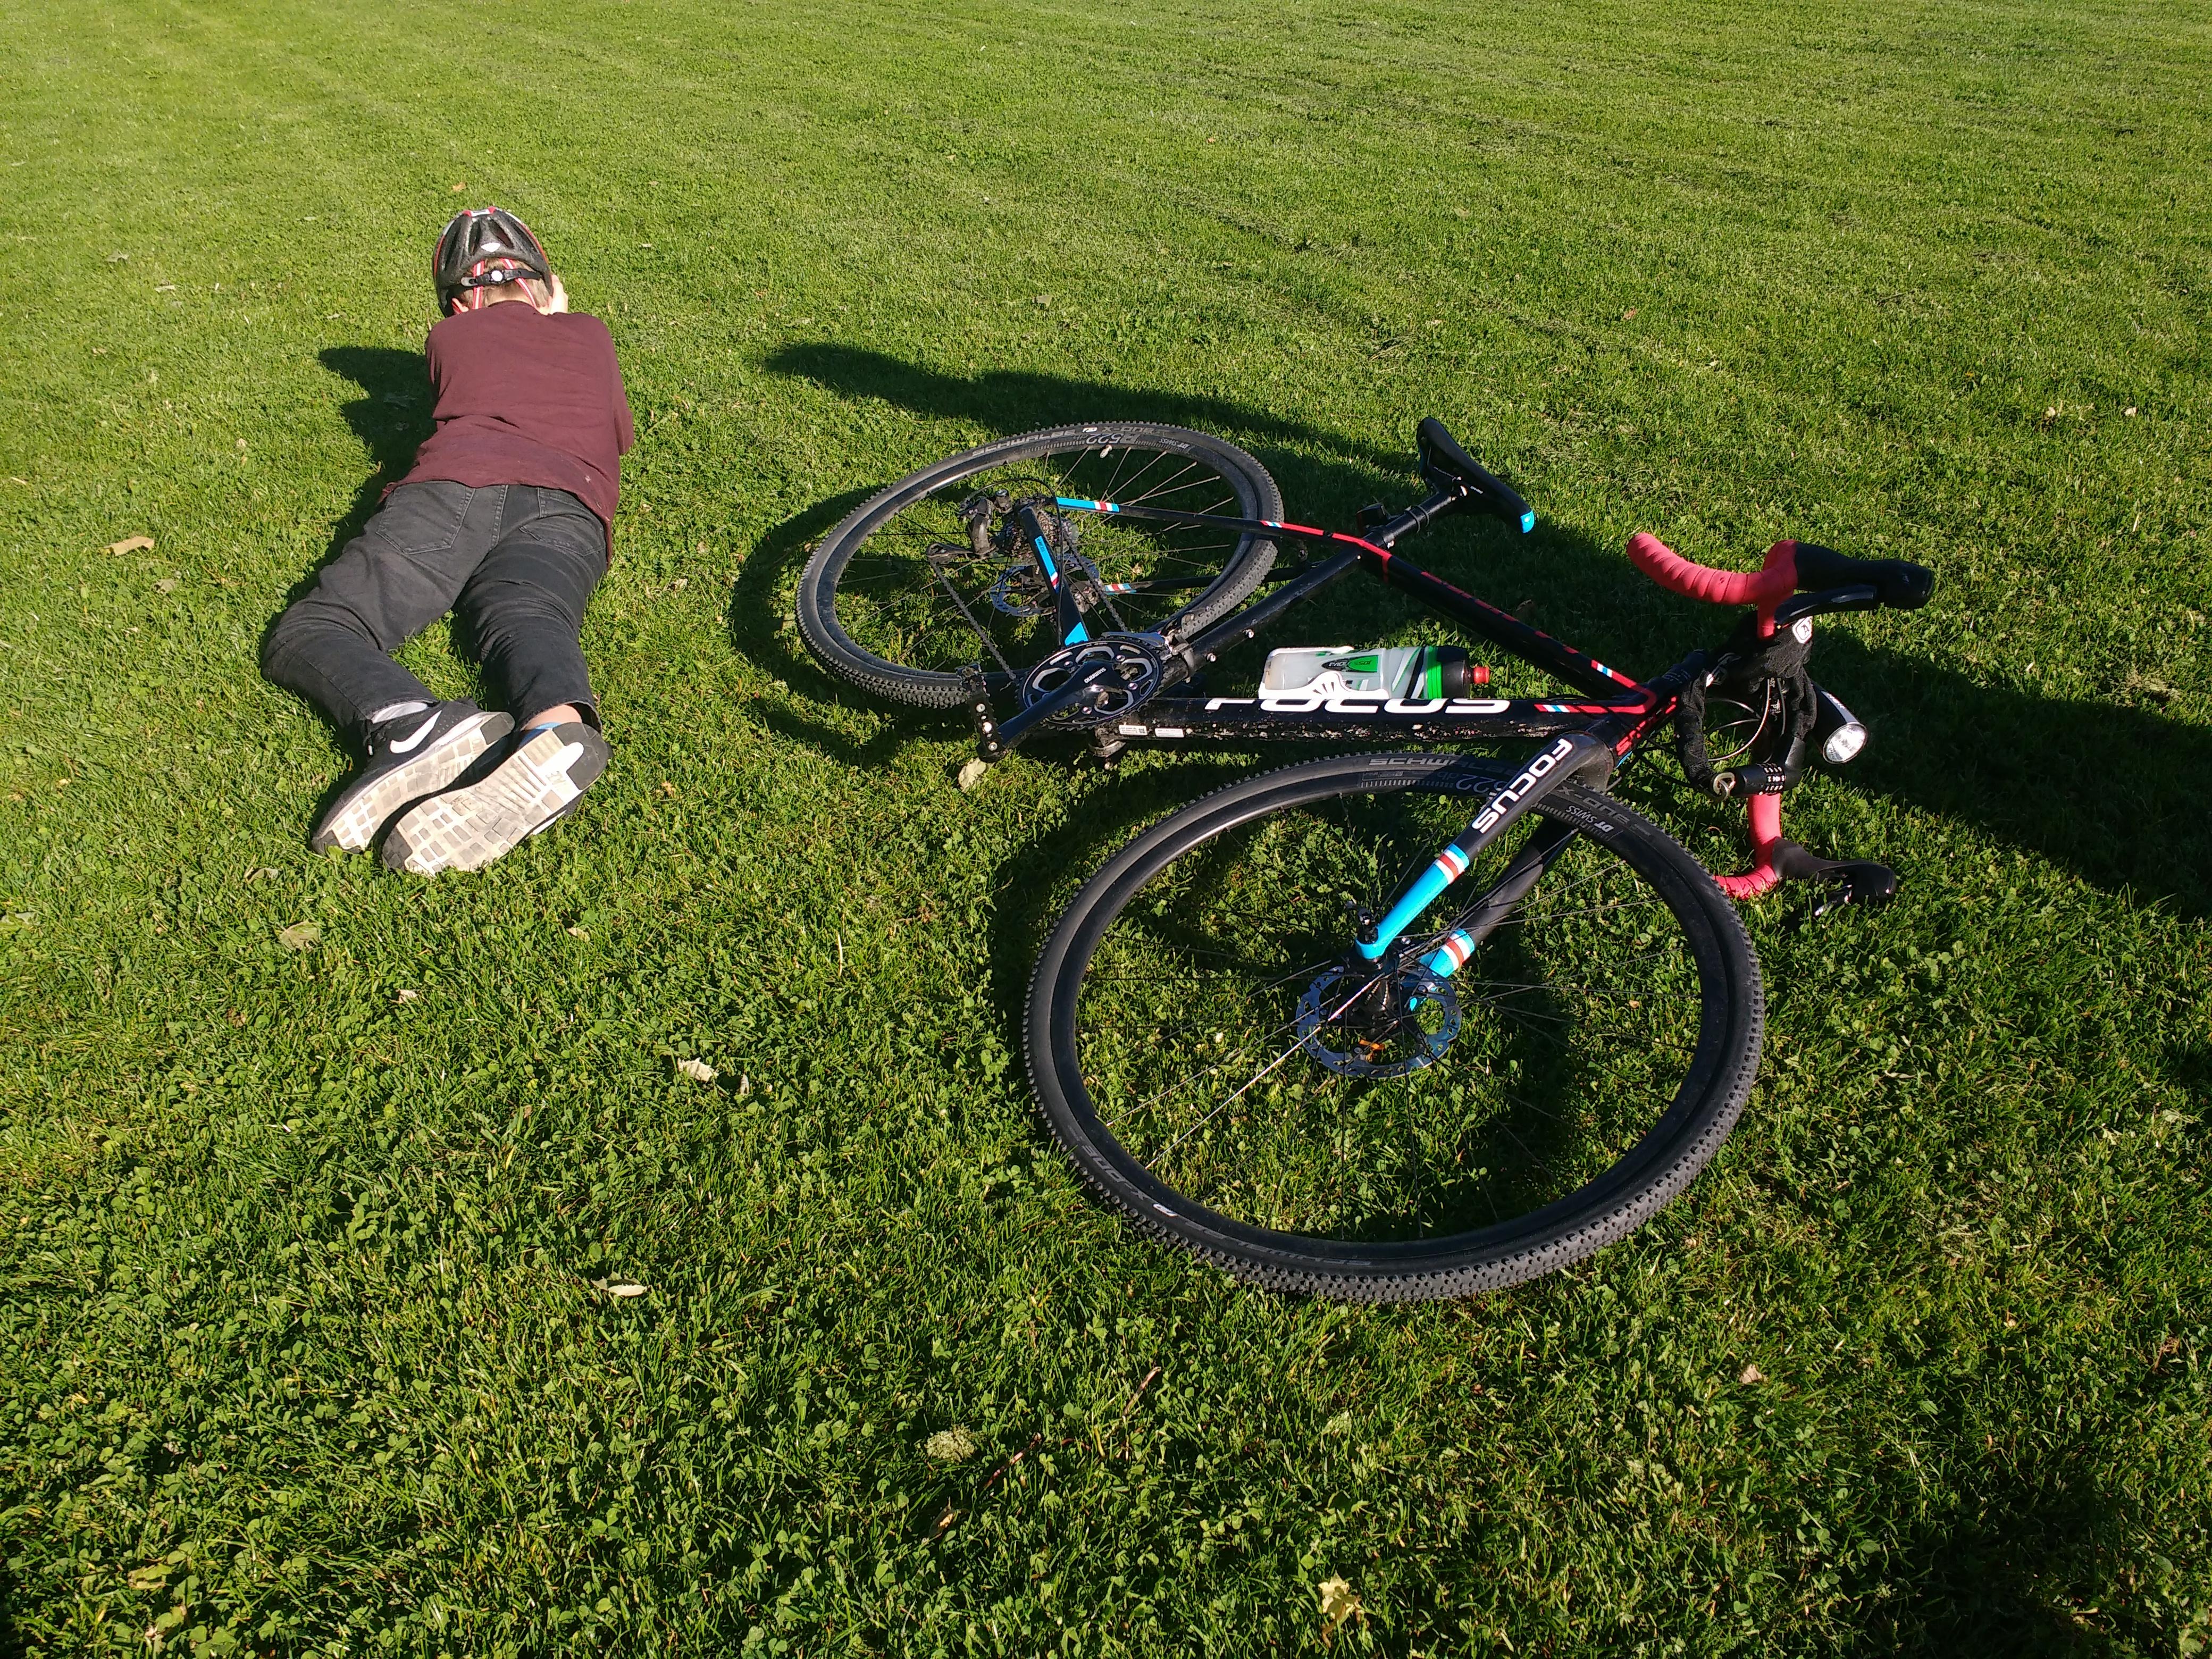 Junge und sein Fahrrad liegen auf einer Wiese in der Sonne.